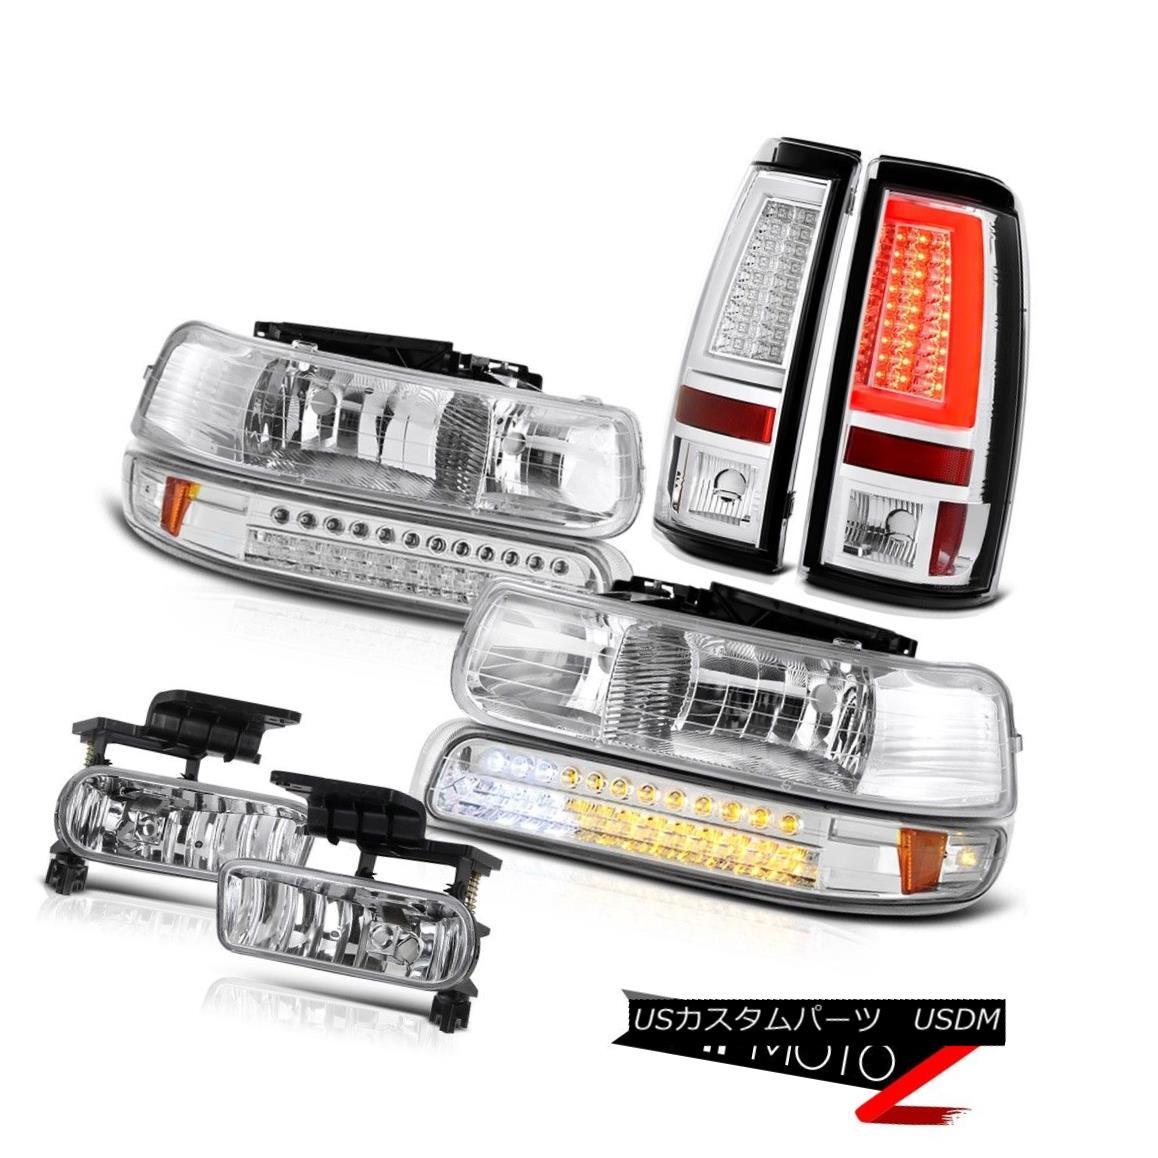 テールライト 99-02 Silverado 6.0L Parking Brake Lights Headlights Lamp Fog Lamps Replacement 99-02 Silverado 6.0Lパーキングブレーキライトヘッドライトランプフォグランプの交換